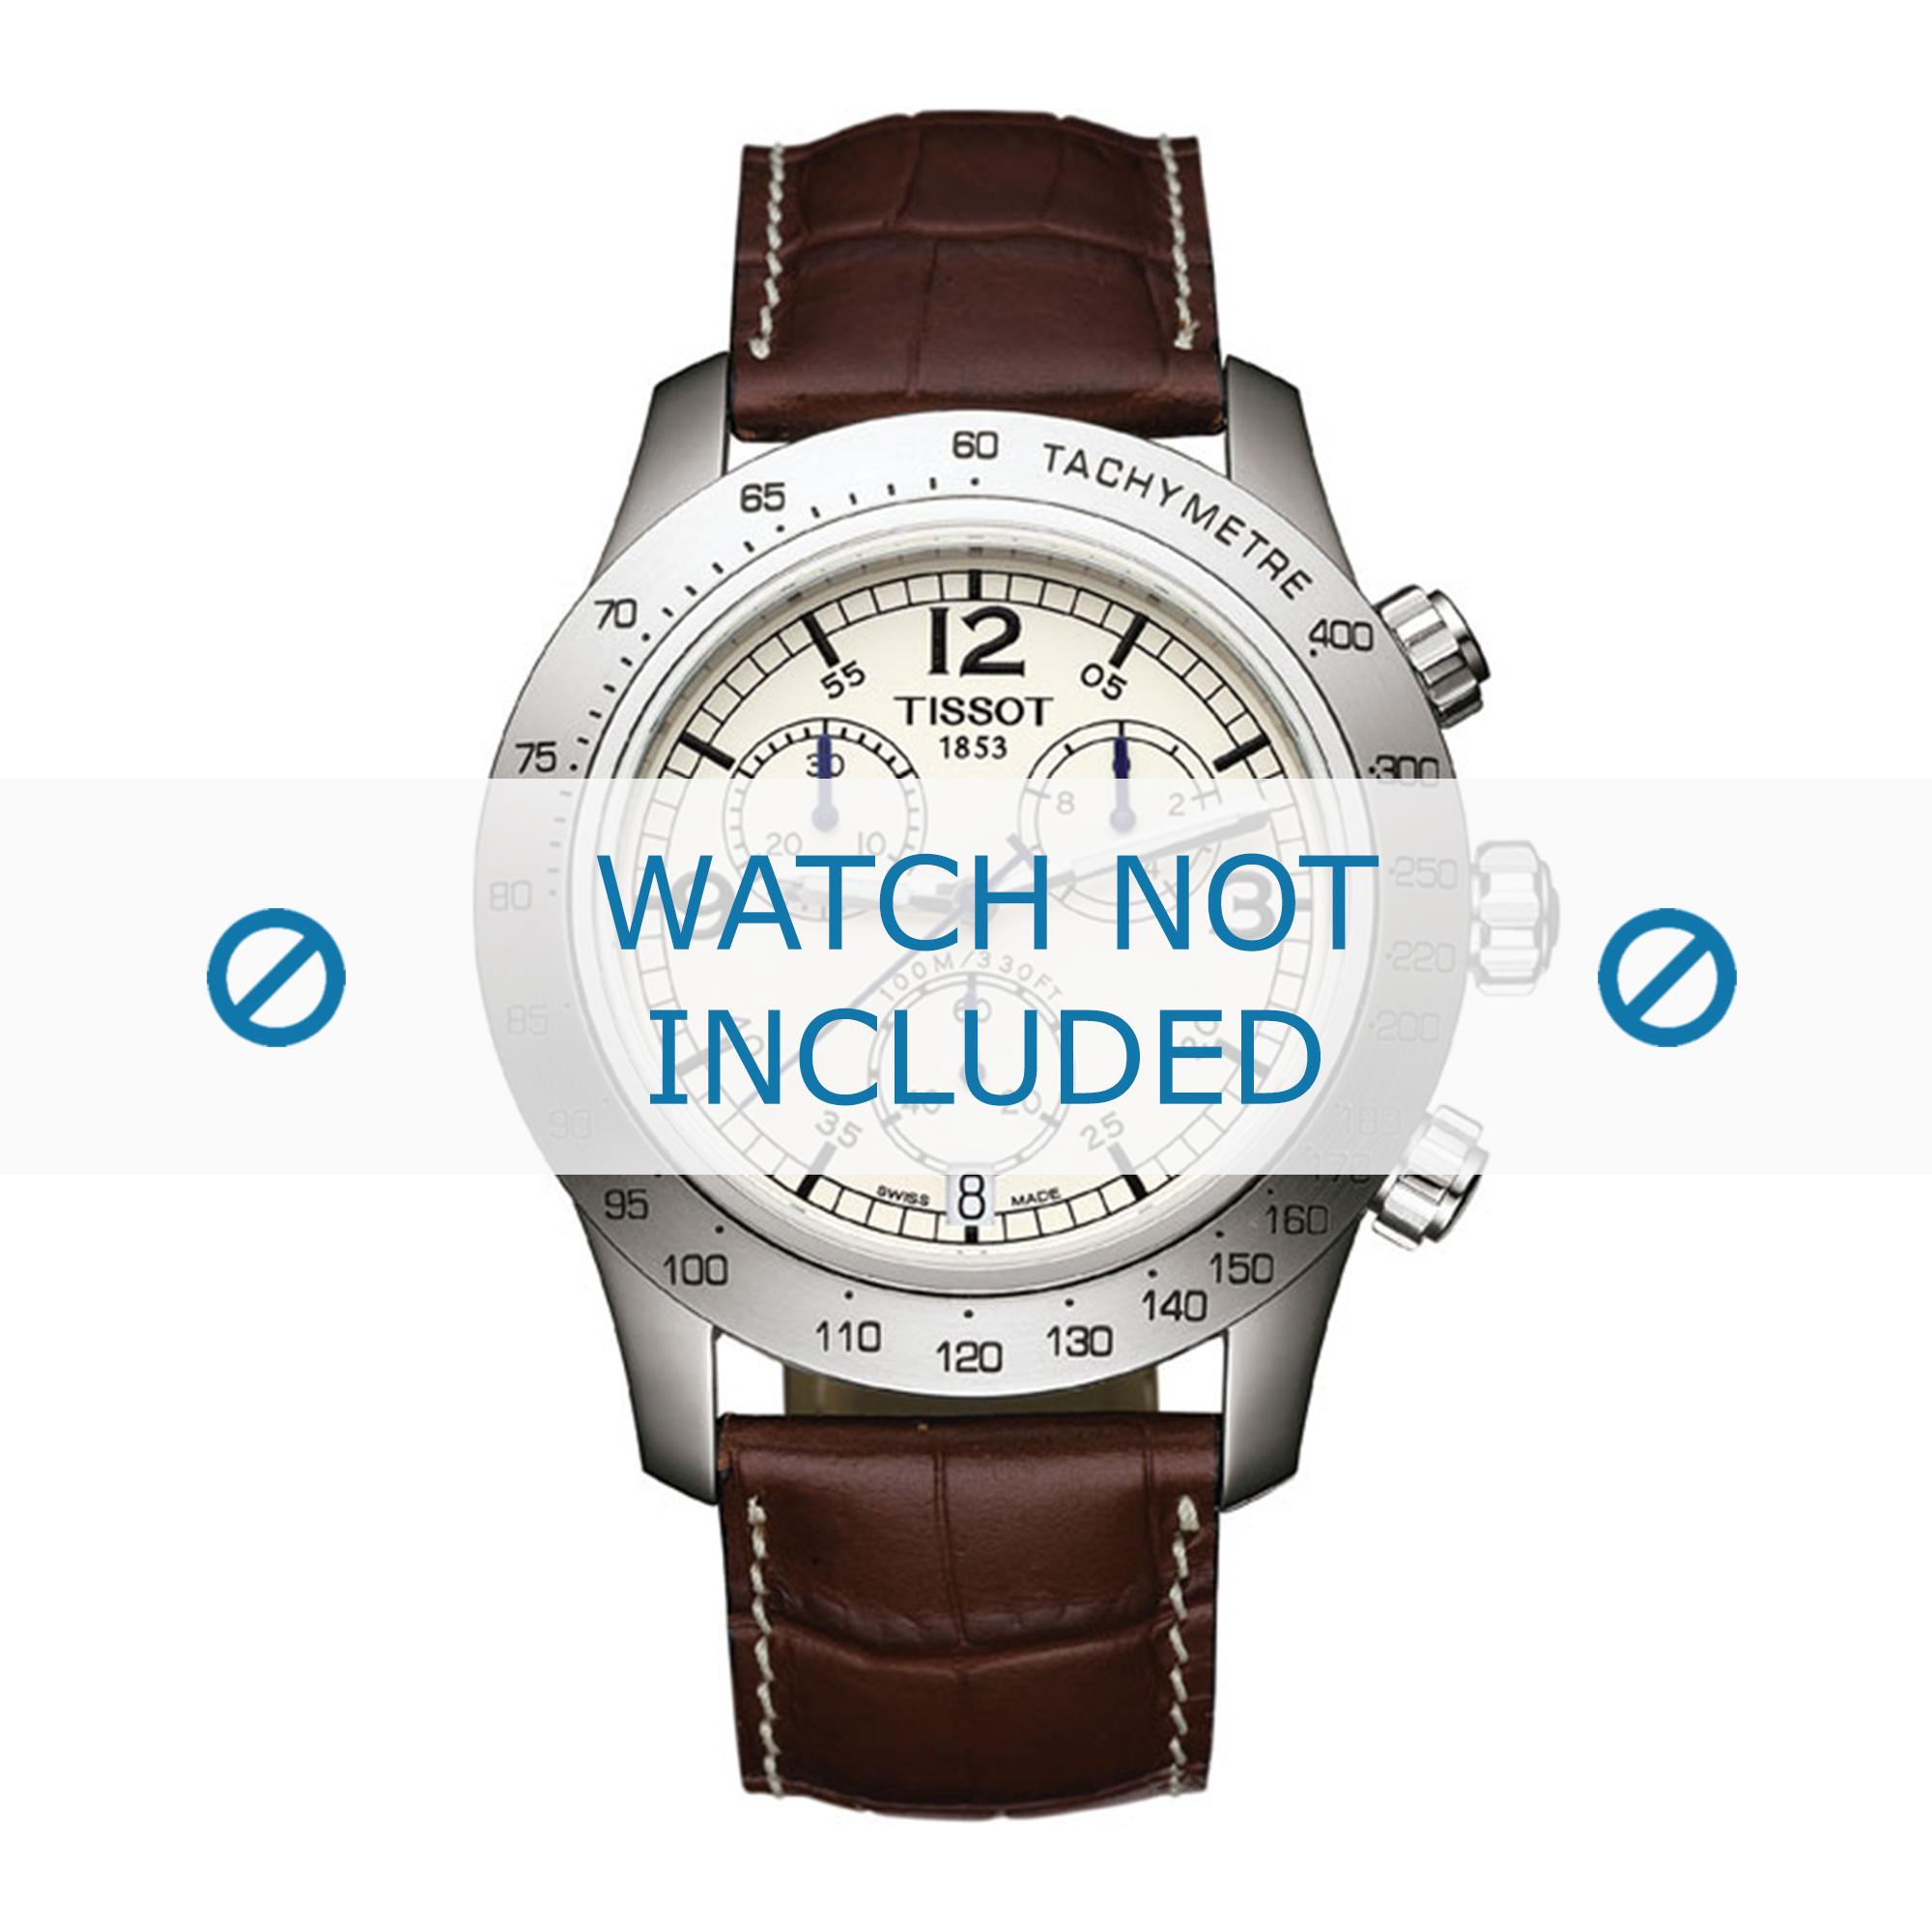 Tissot horlogeband S762-862 T600013455 Croco leder Bruin 21,8mm